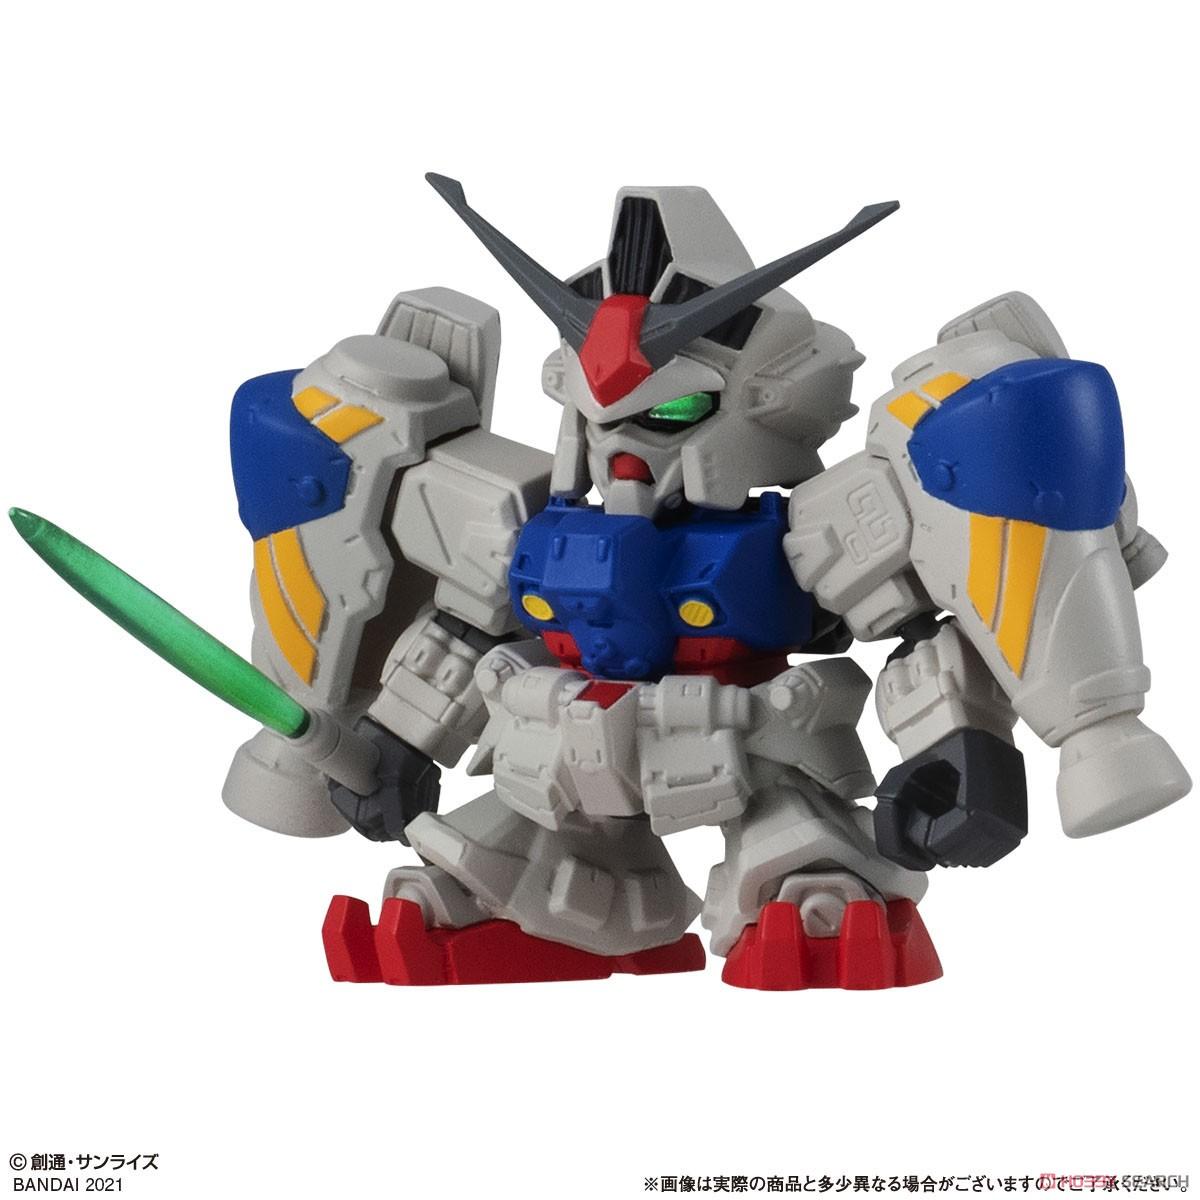 【ガシャポン】機動戦士ガンダム『ガシャポン戦士フォルテ14』12個入りBOX-002